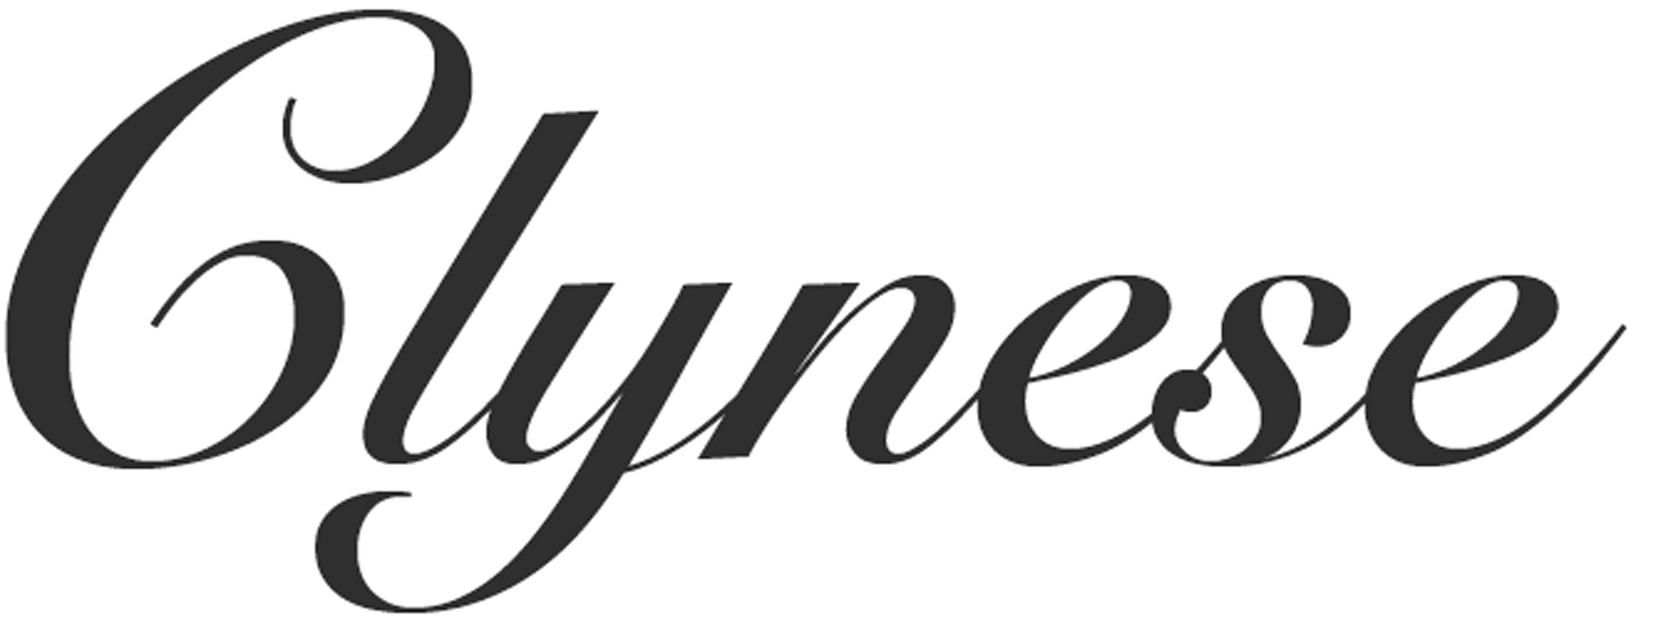 name_clynese_blk